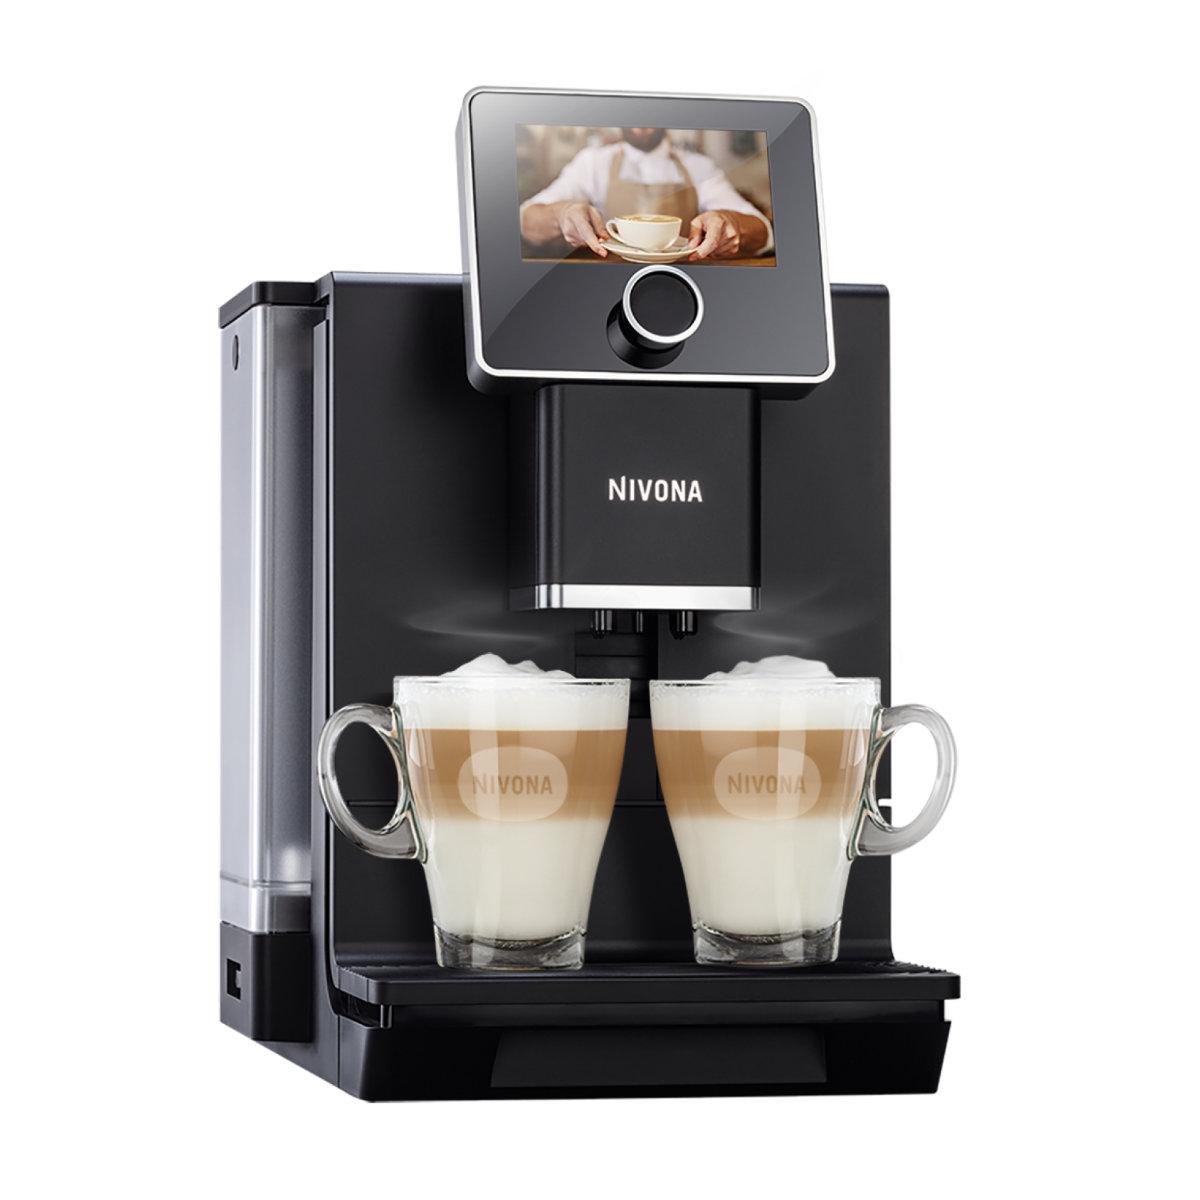 Ekspres do kawy NIVONA NICR 960